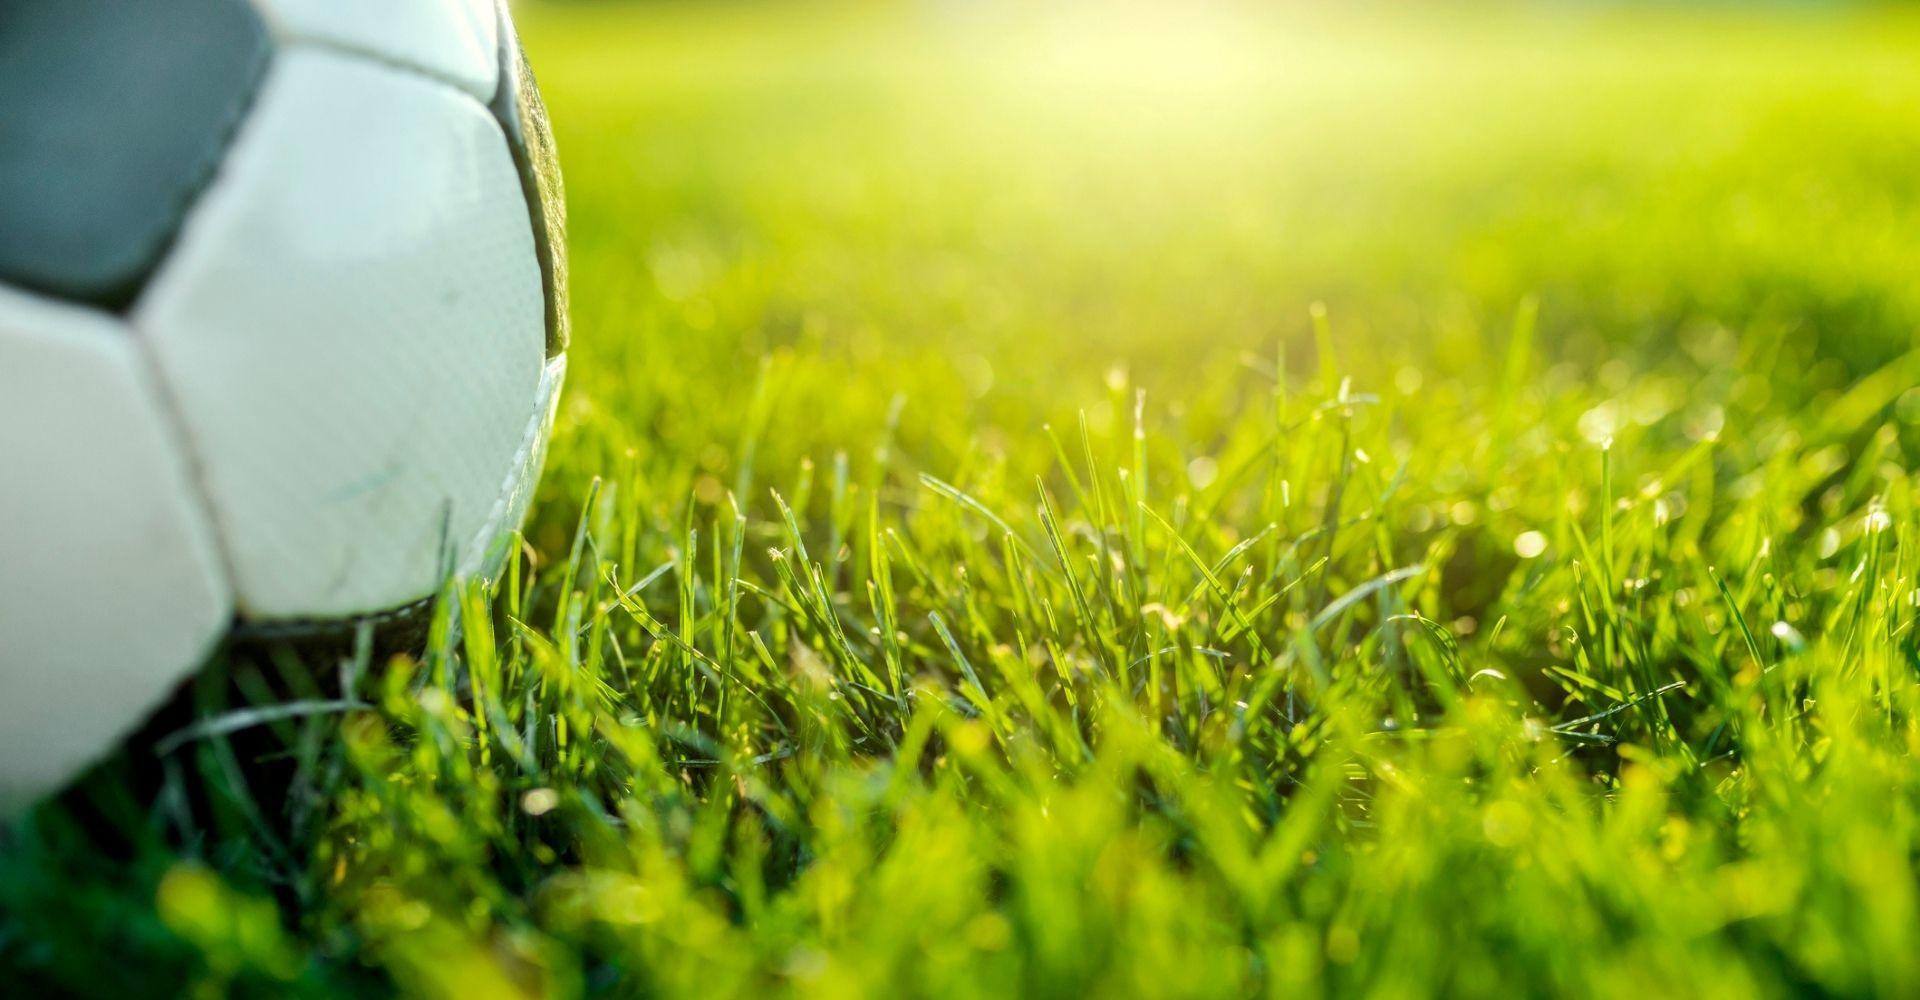 Futbol Bailado per anime inquiete: una commedia picaresca su un calcio d'altri tempi